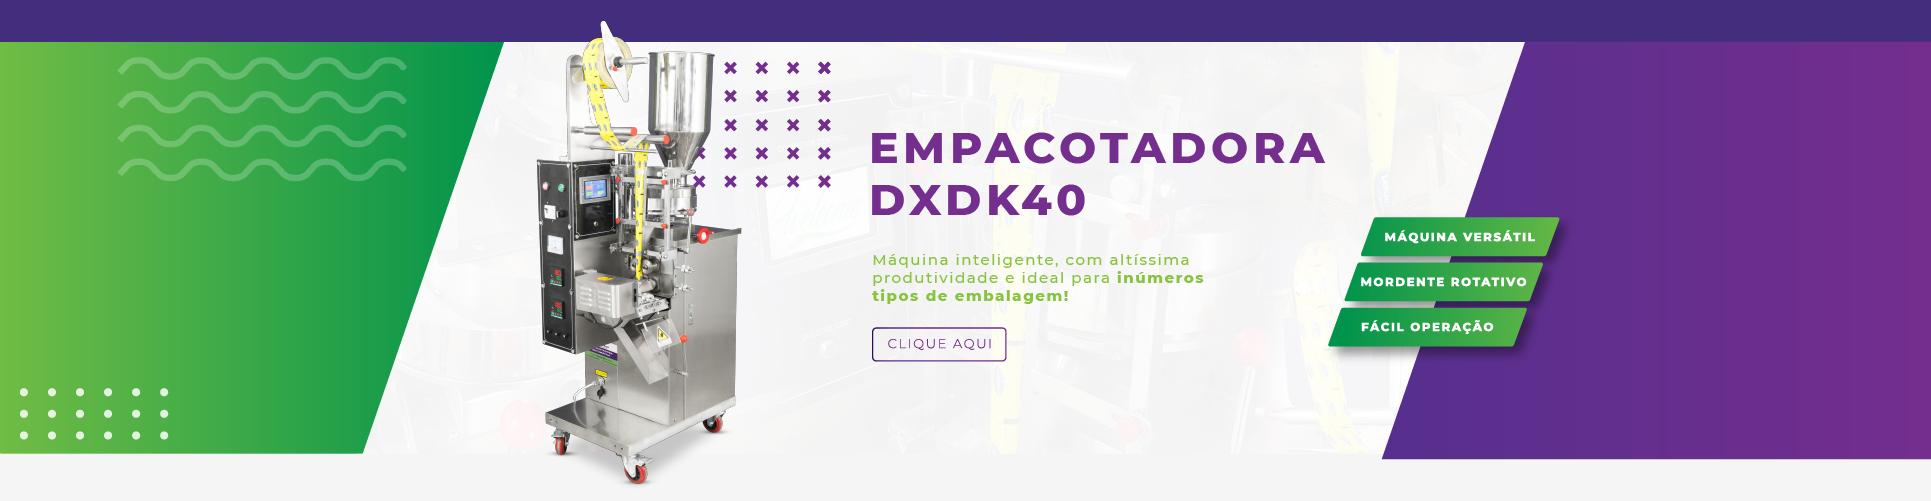 empacotadora_dxdk2020